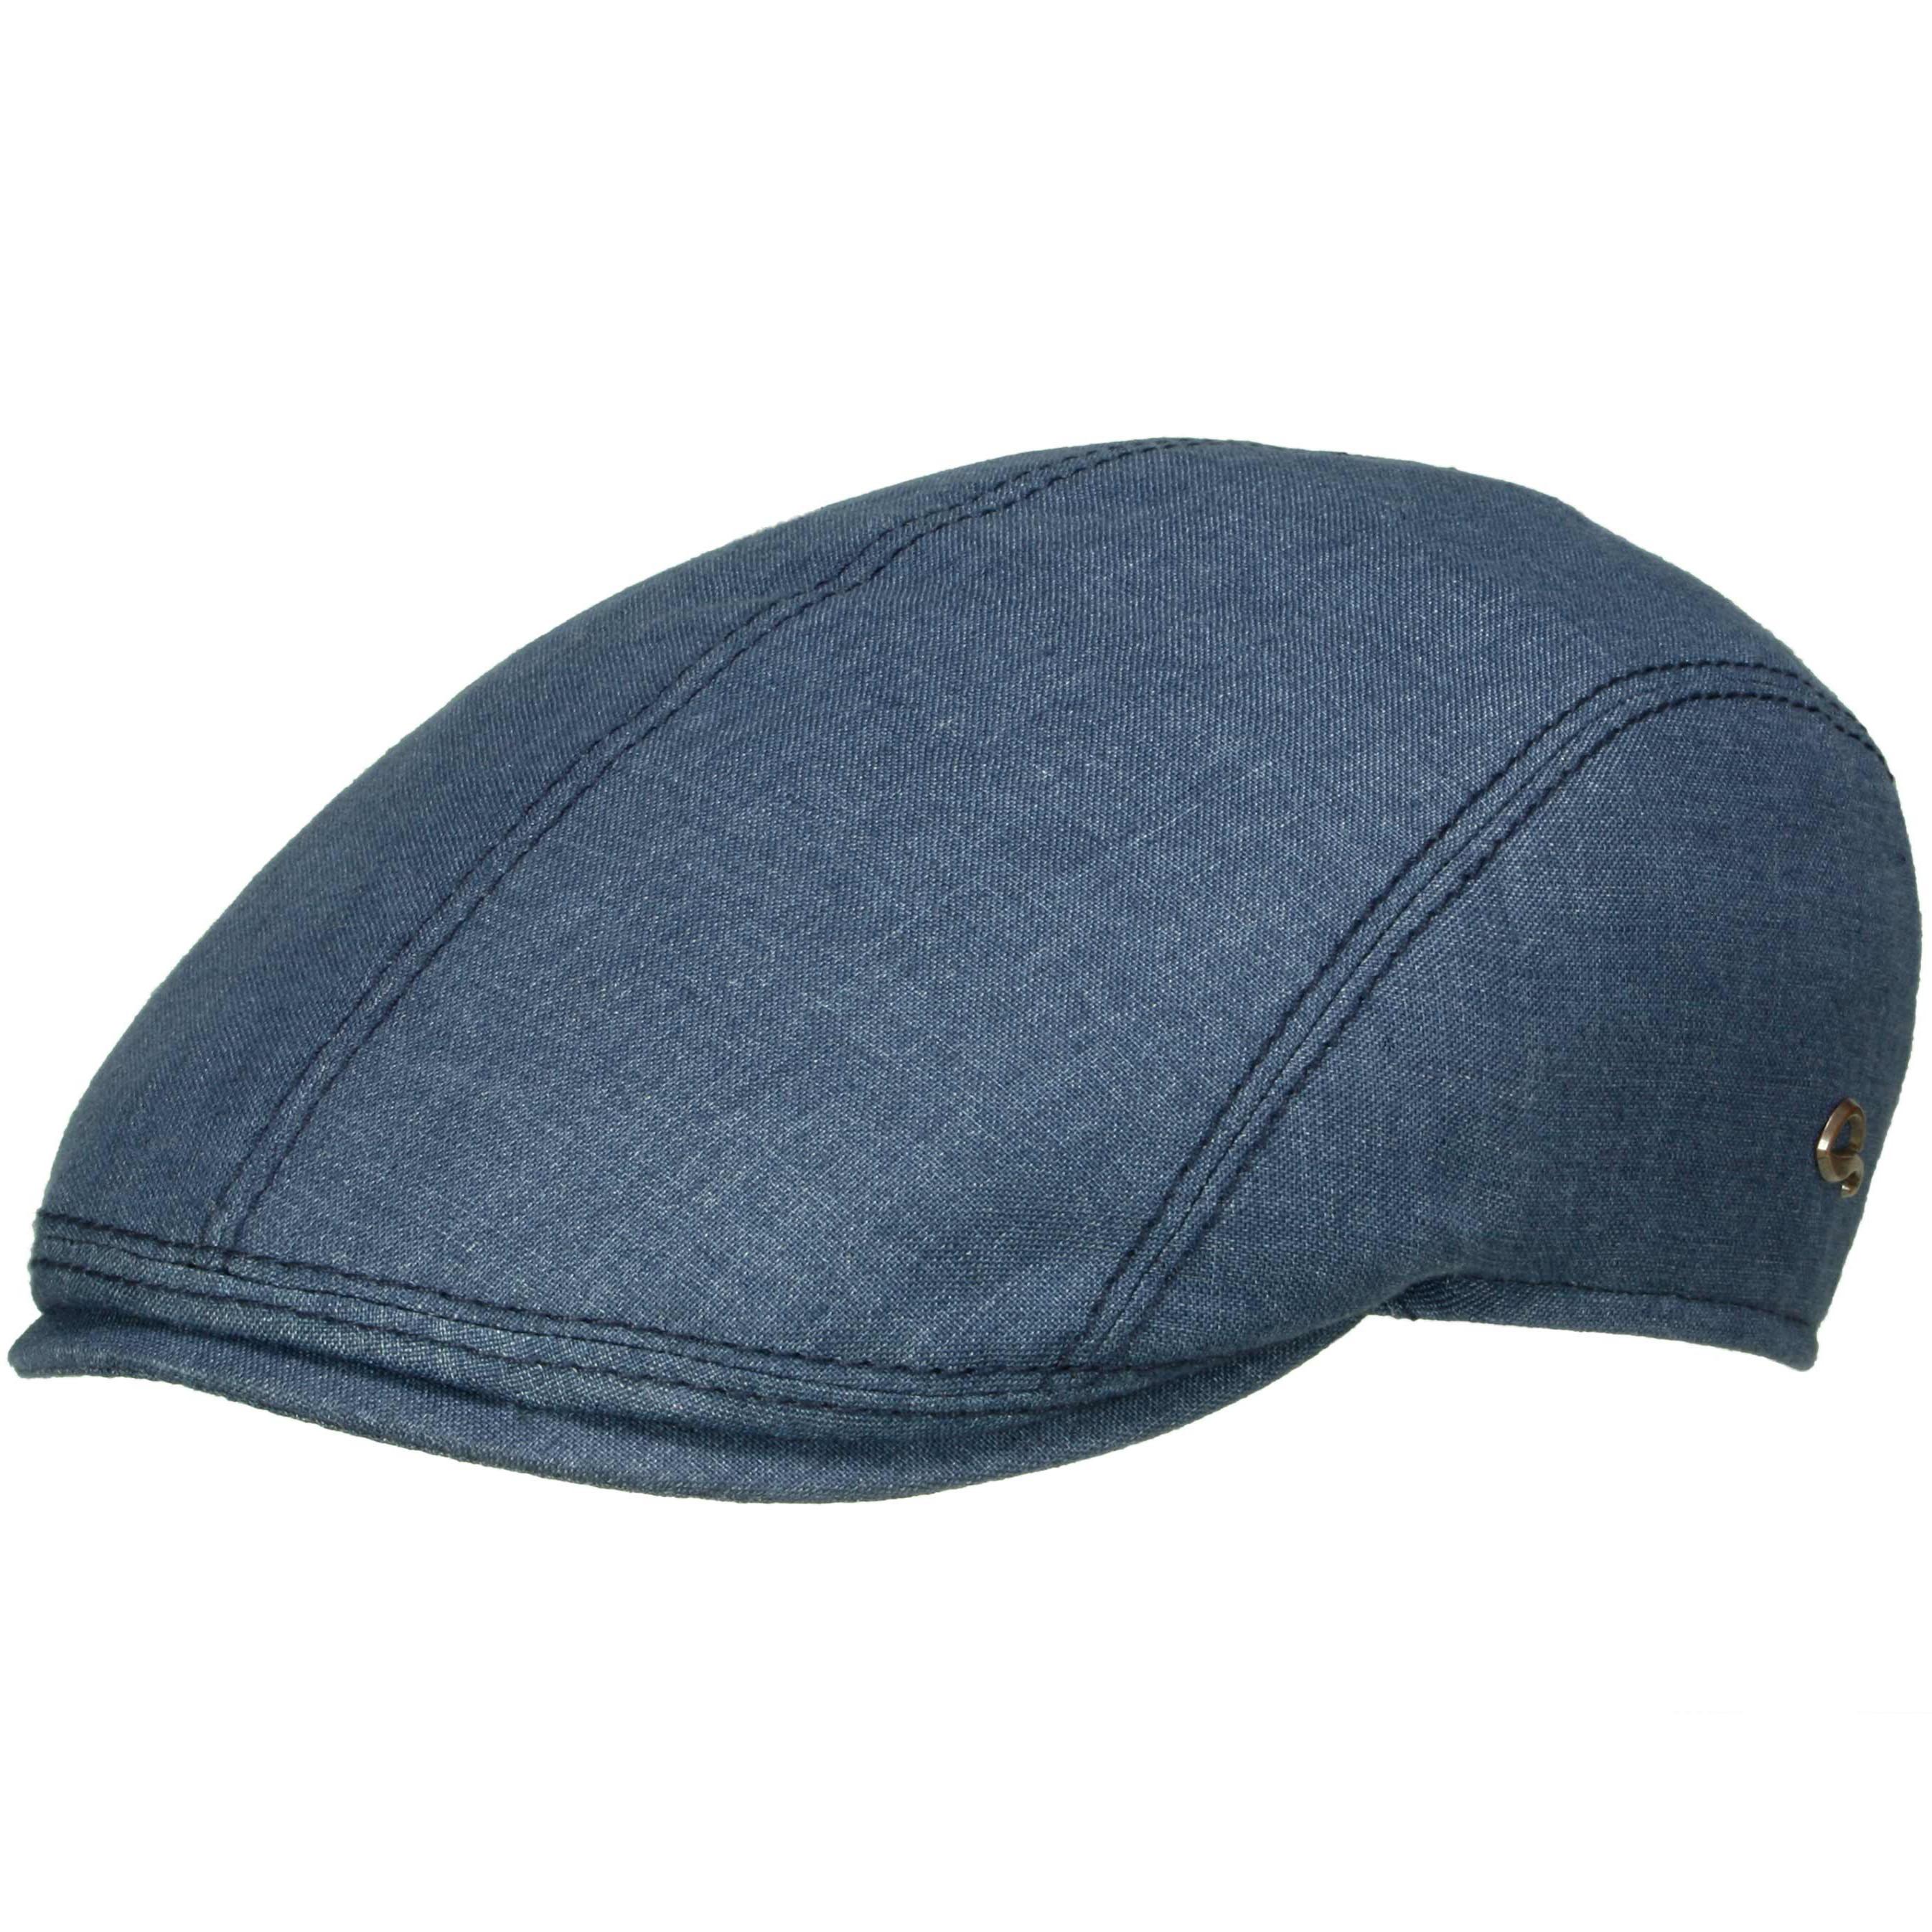 Göttmann nyári Jackson sport sapka Uv 40+ szűrős kék  71035a4503